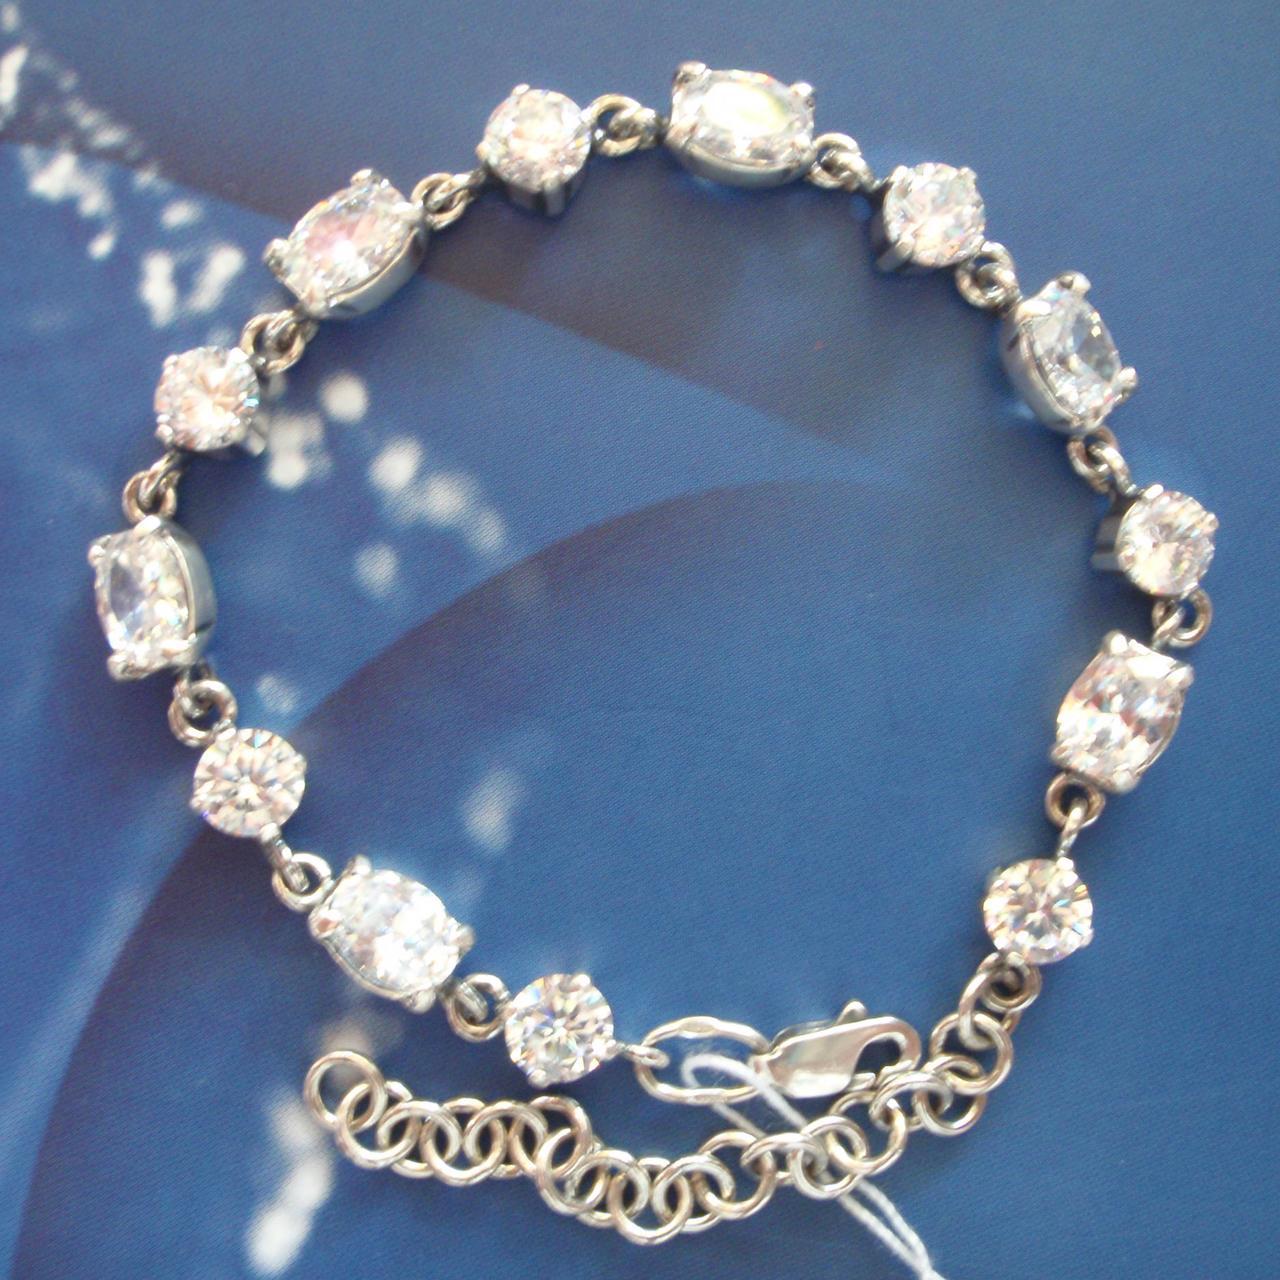 Срібний жіночий браслет з камінням і ланцюжком, 180-230мм